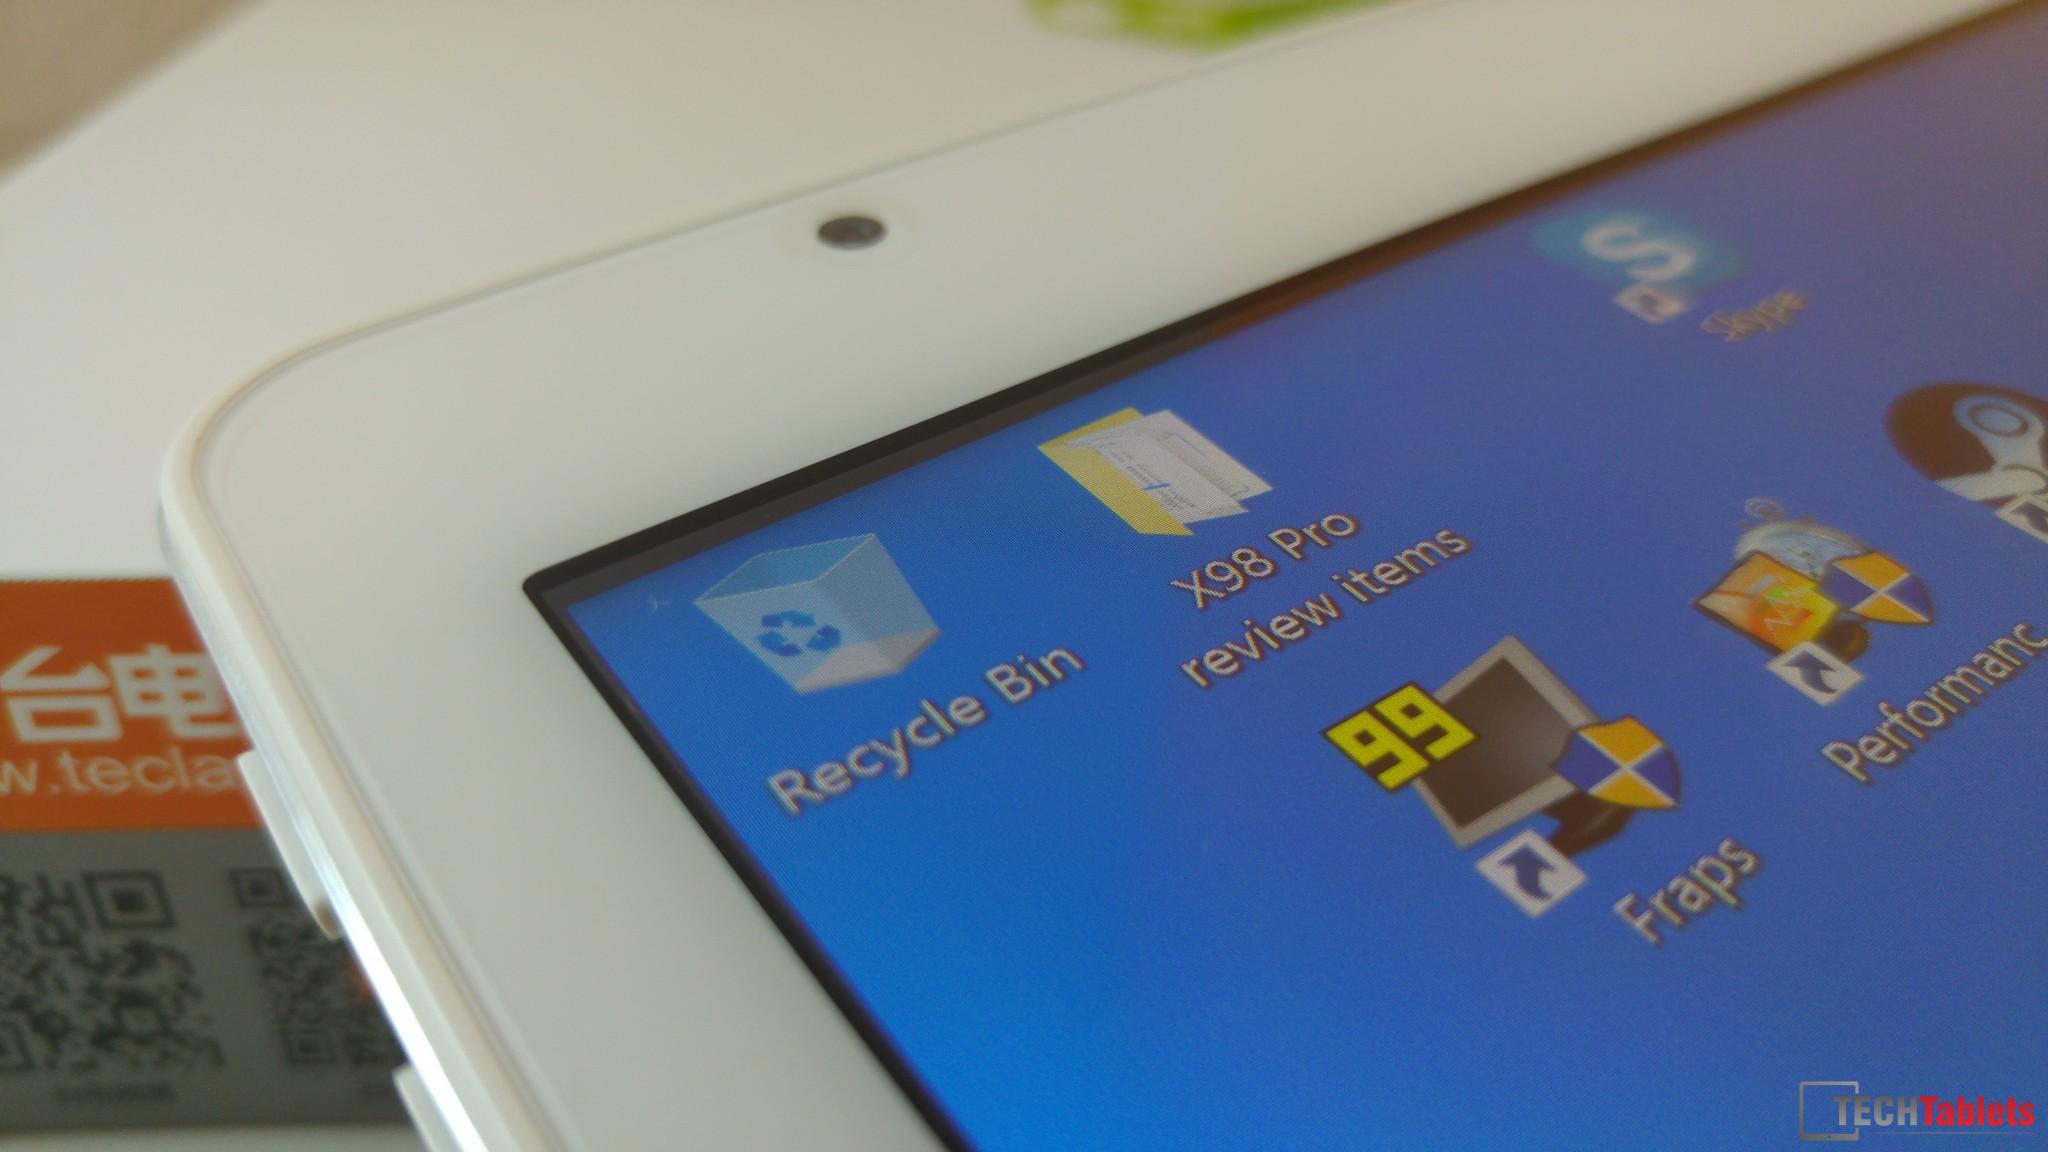 Teclast X98 Pro non-laminated screen